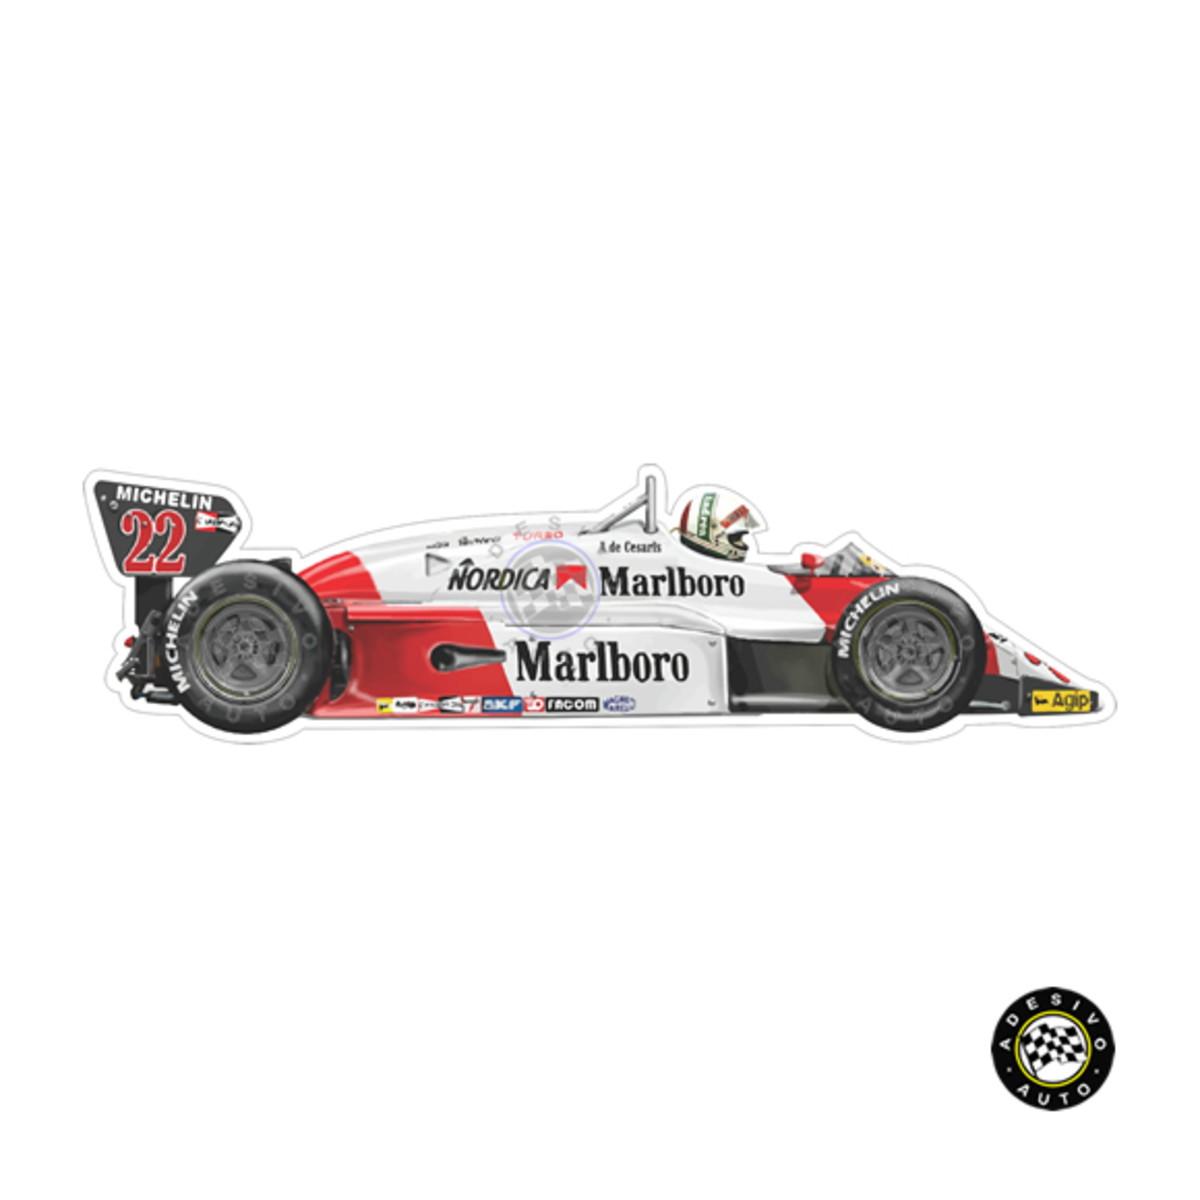 Adesivo Alfa Romeo 183t Andrea De Cesaris 1983 F1 Formula 1 No Elo7 Adesivo Auto Adesivos Dos Campeoes 105d334